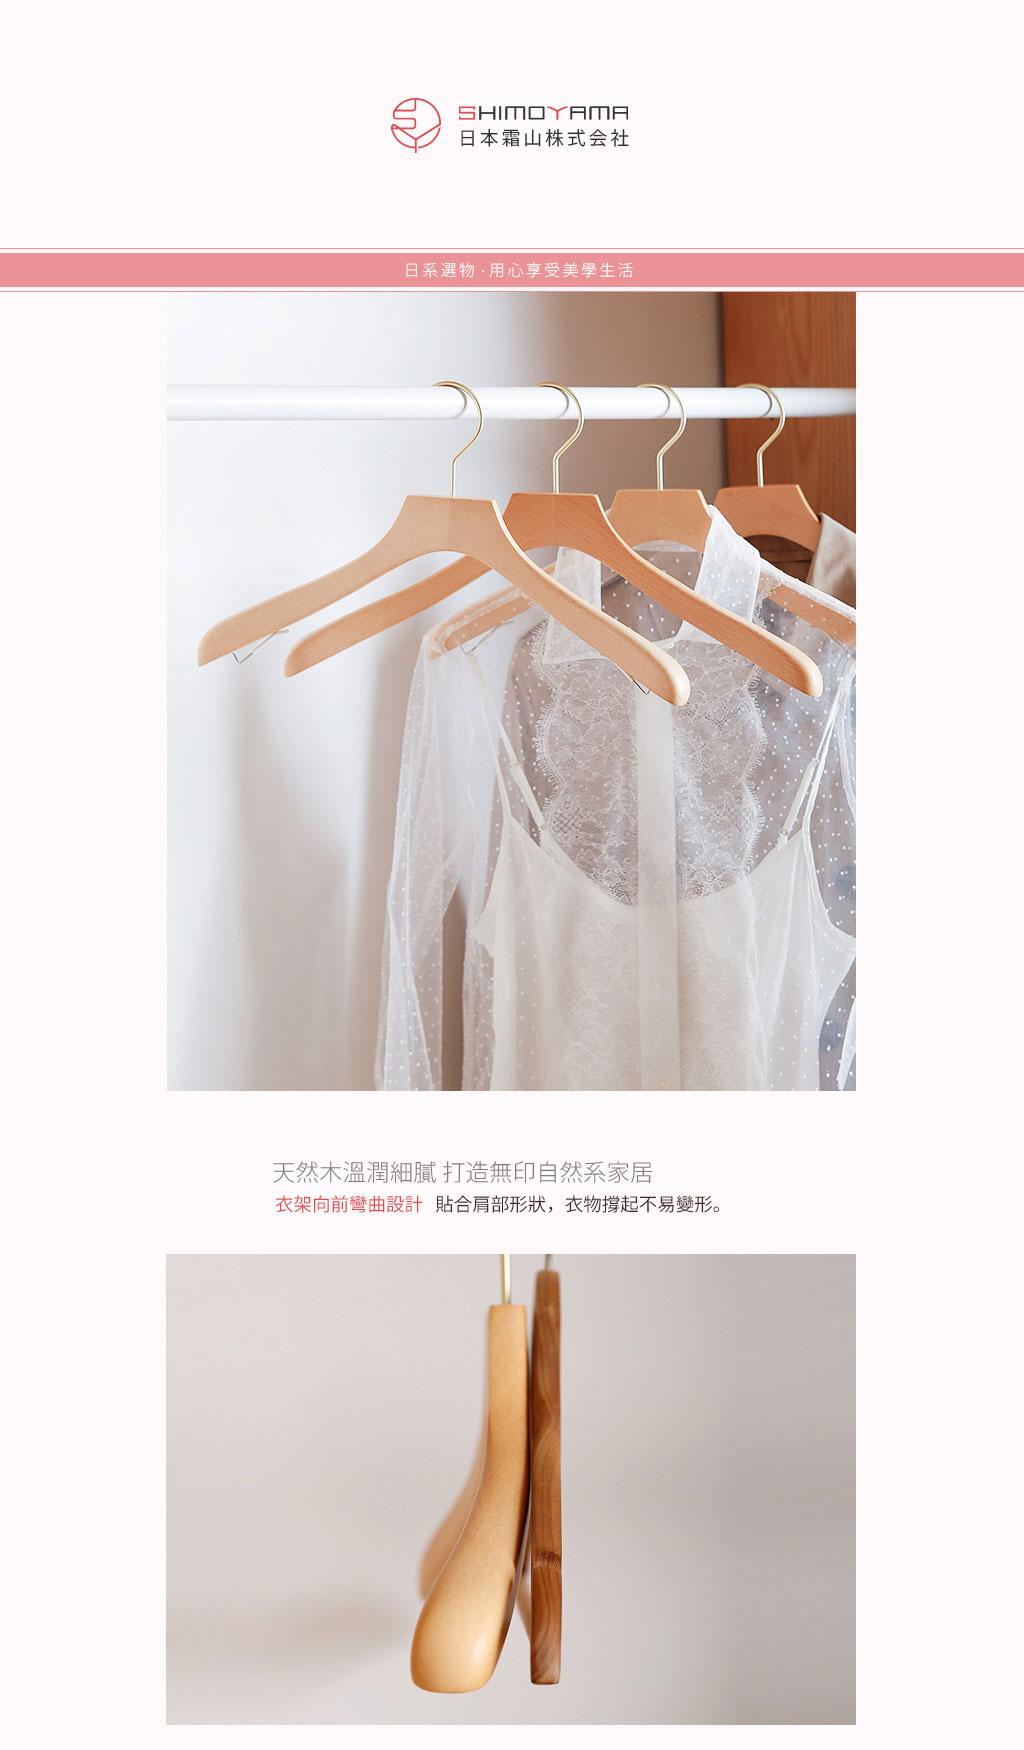 日本霜山 天然木製女用外套/洋裝/兩件式套裝衣架 (附肩帶掛鉤) 3入